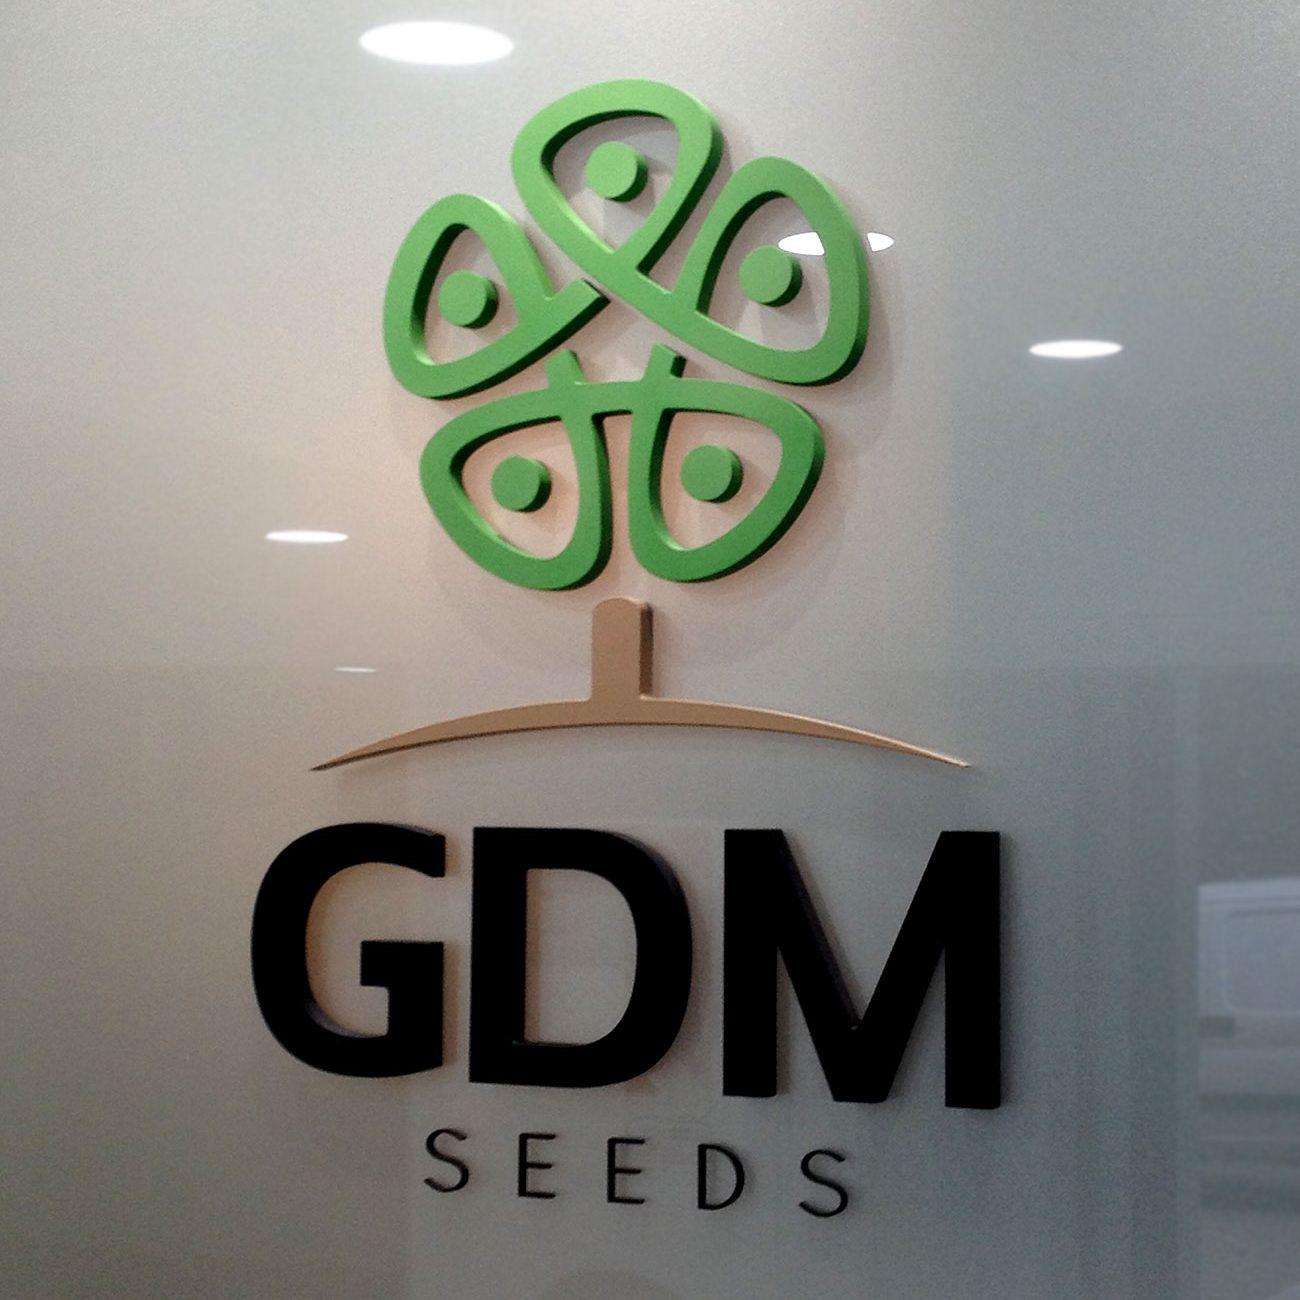 gdm_seeds_1